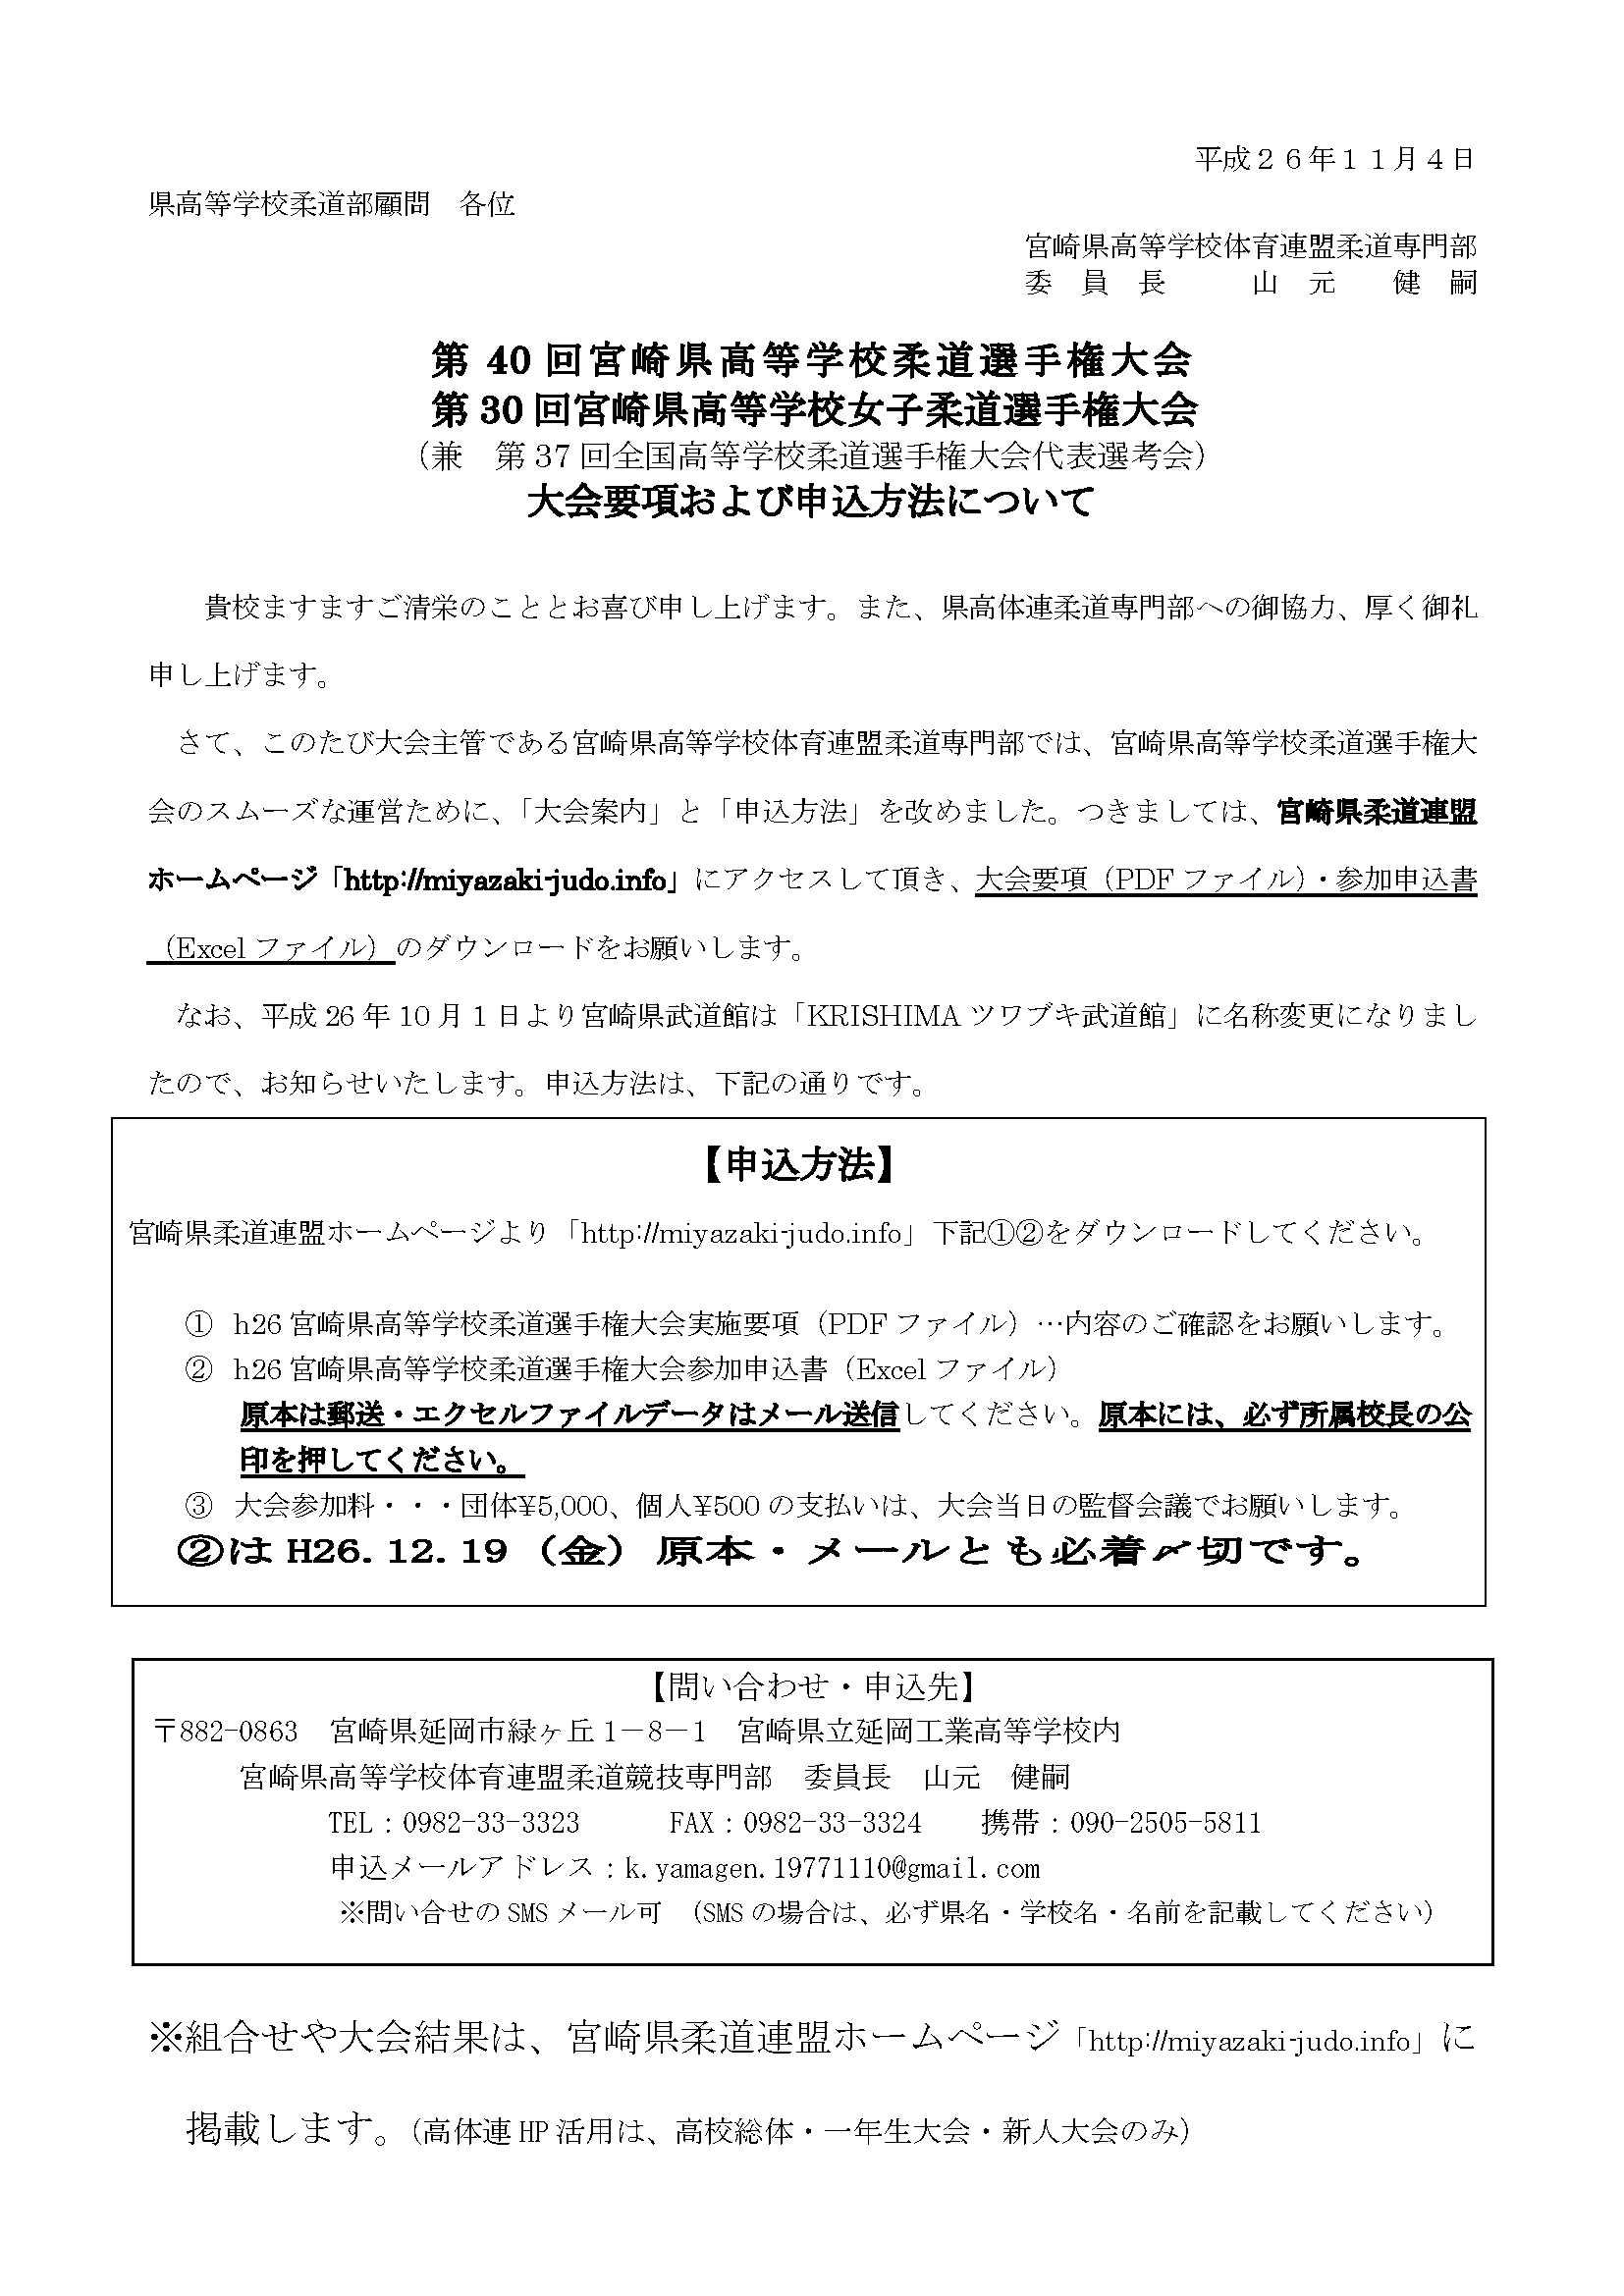 宮崎県高校選手権大会案内文2014